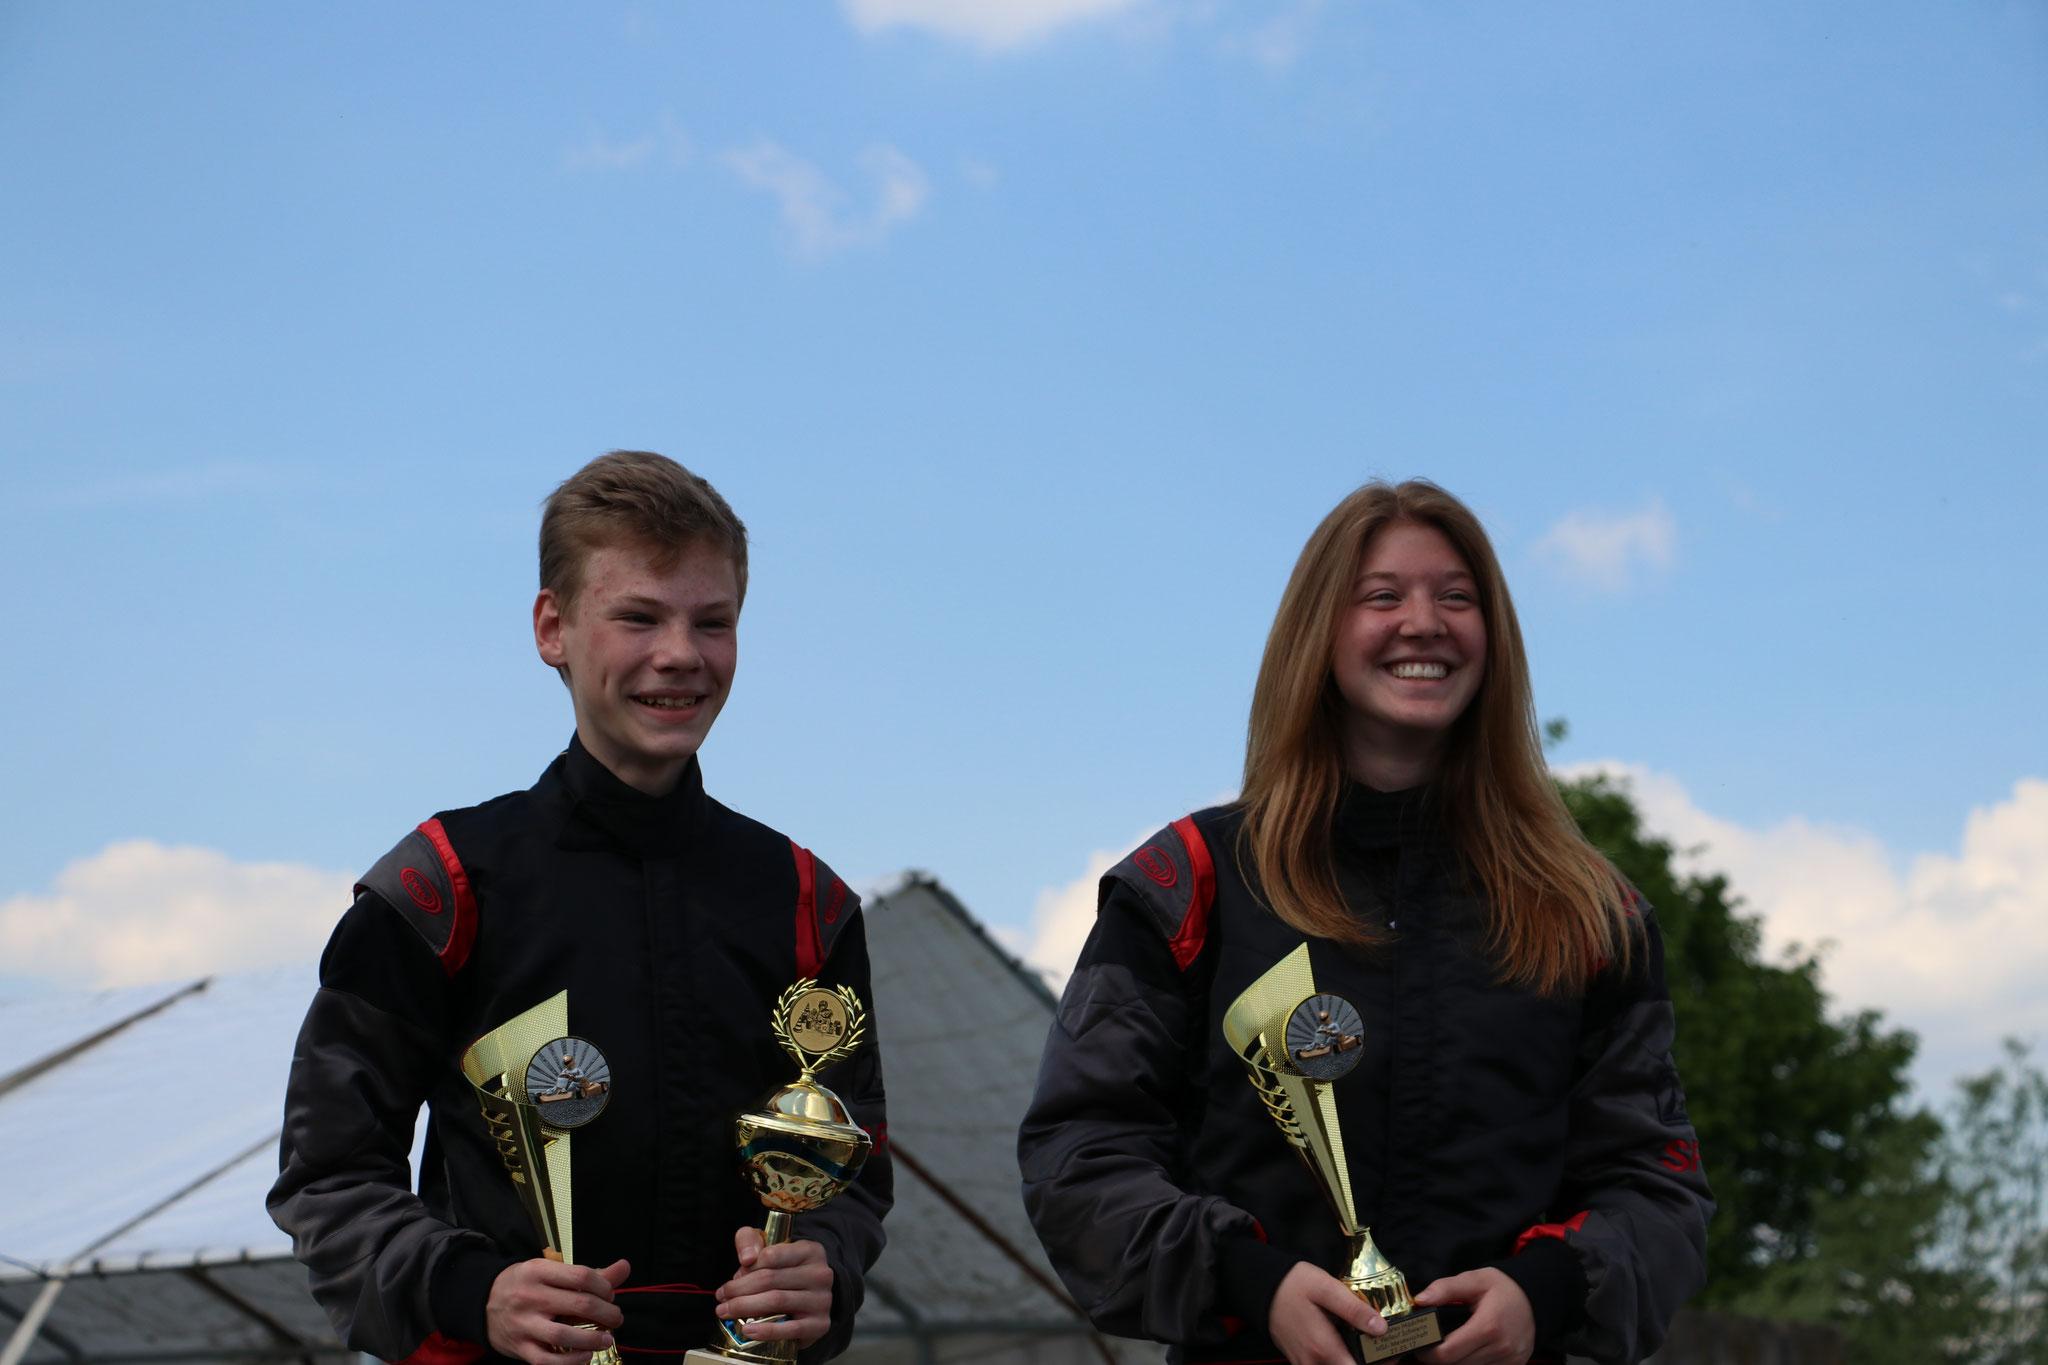 Die schnellsten des Tages sind heute Michel Boje und Janica Schlüer